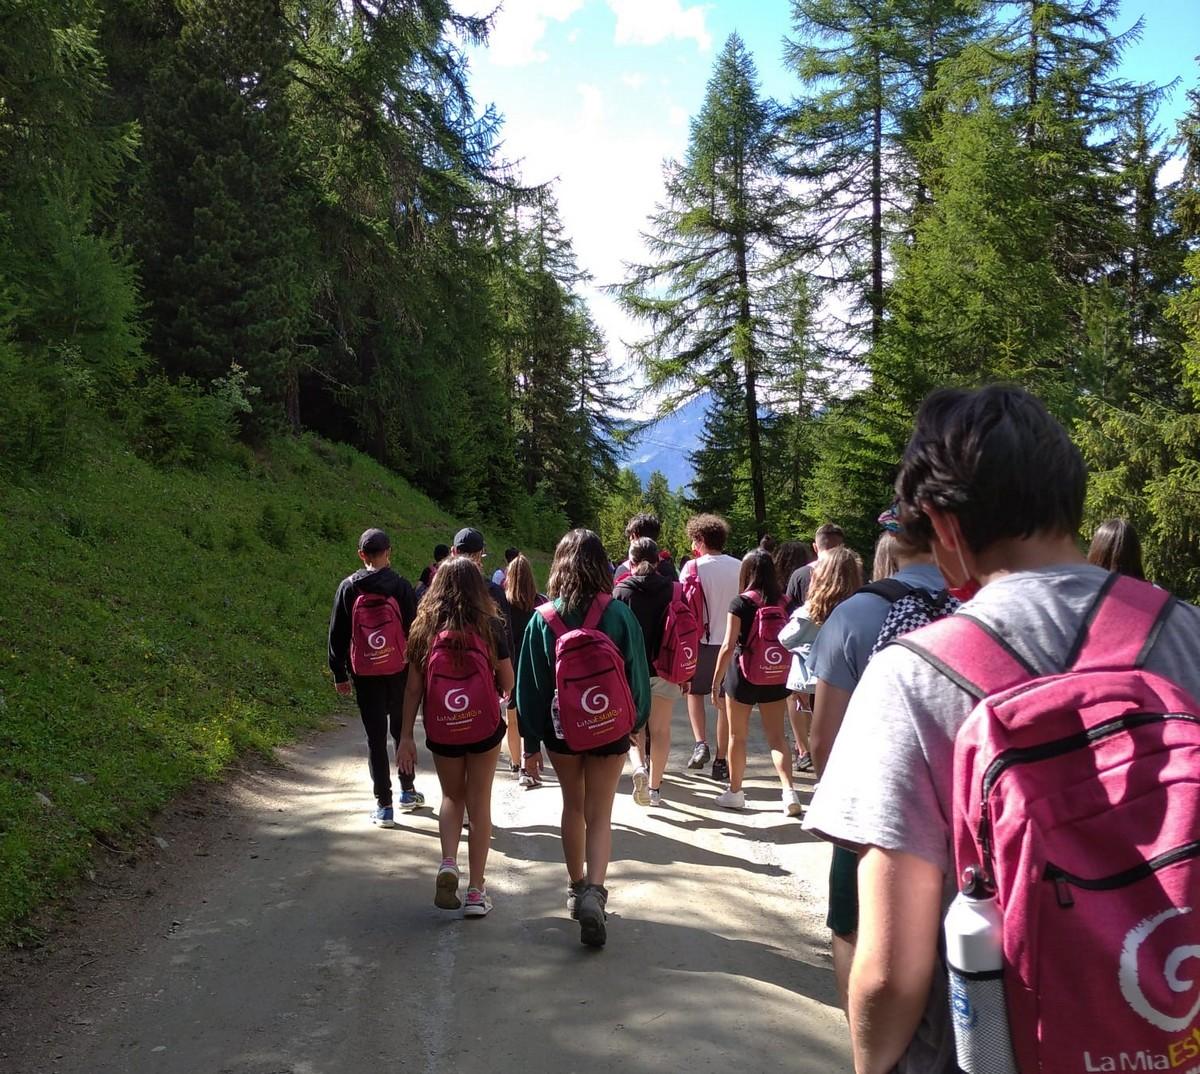 Hotel TH Pila 3*** // La Valle d'Aosta ed il Monte Bianco // Senior Archivi --TH-Pila-La-Valle-dAosta-e-il-Monte-Bianco-Turno-I-Giorno-2-10